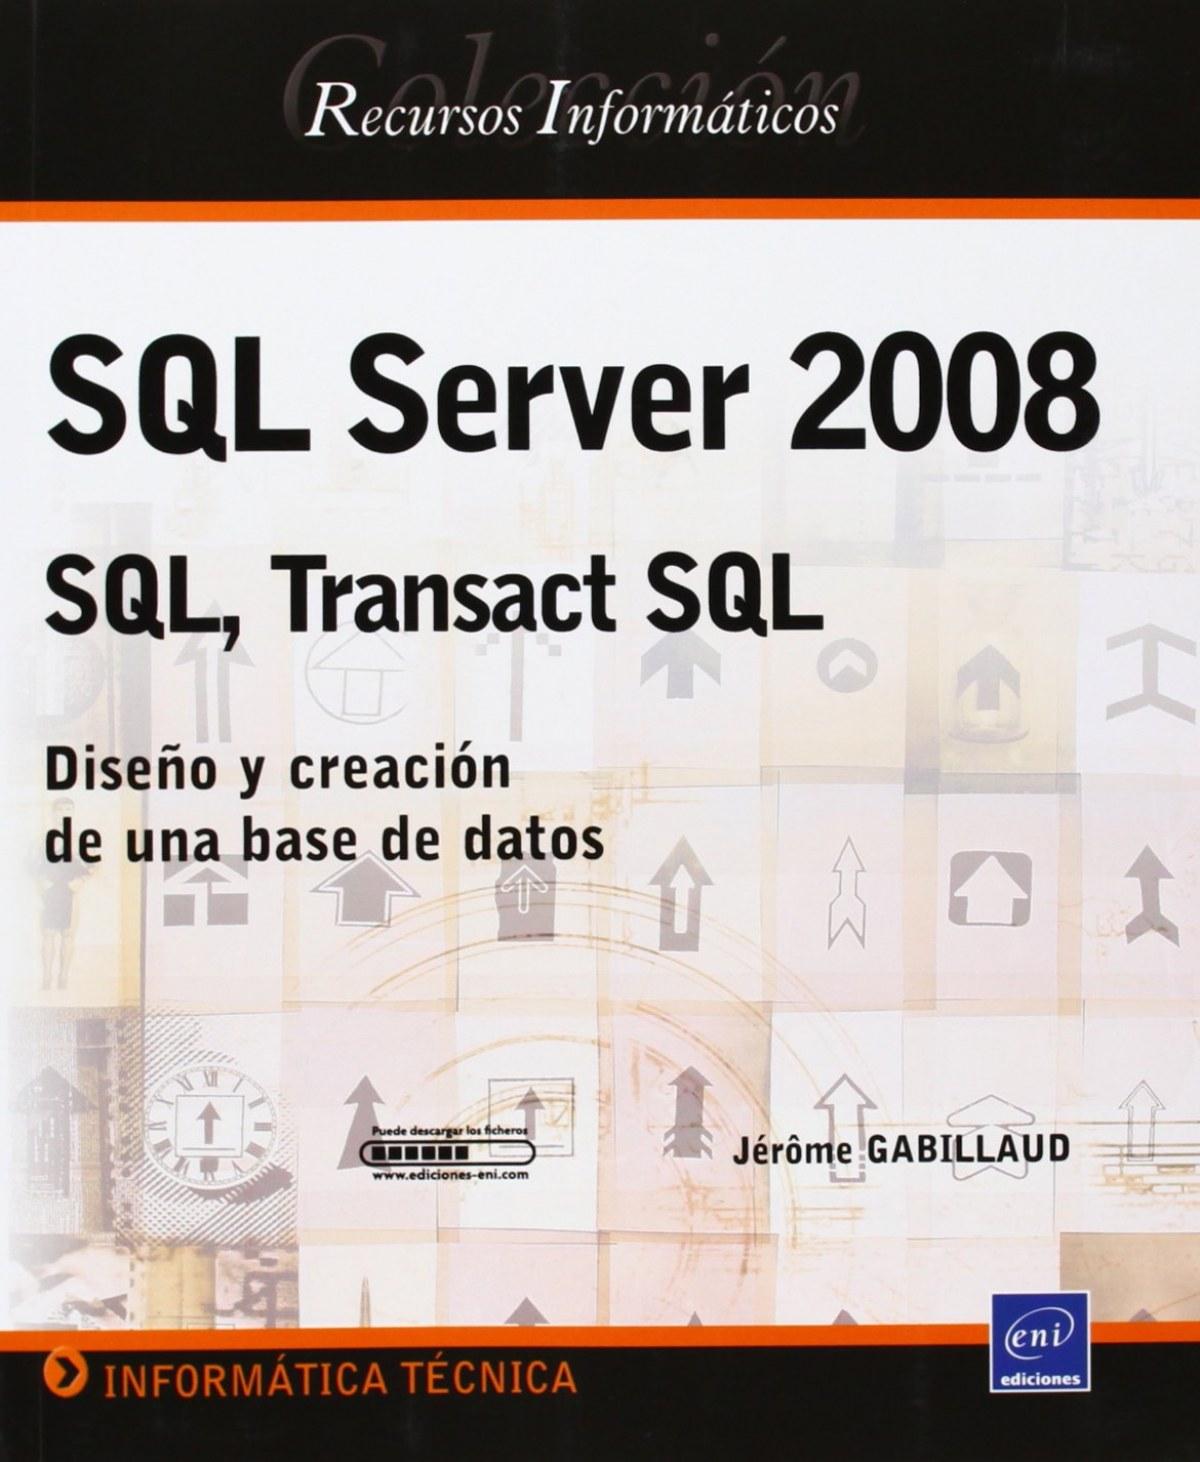 Recursos Inform. SQL Server 2008 - SQL, Transact SQL